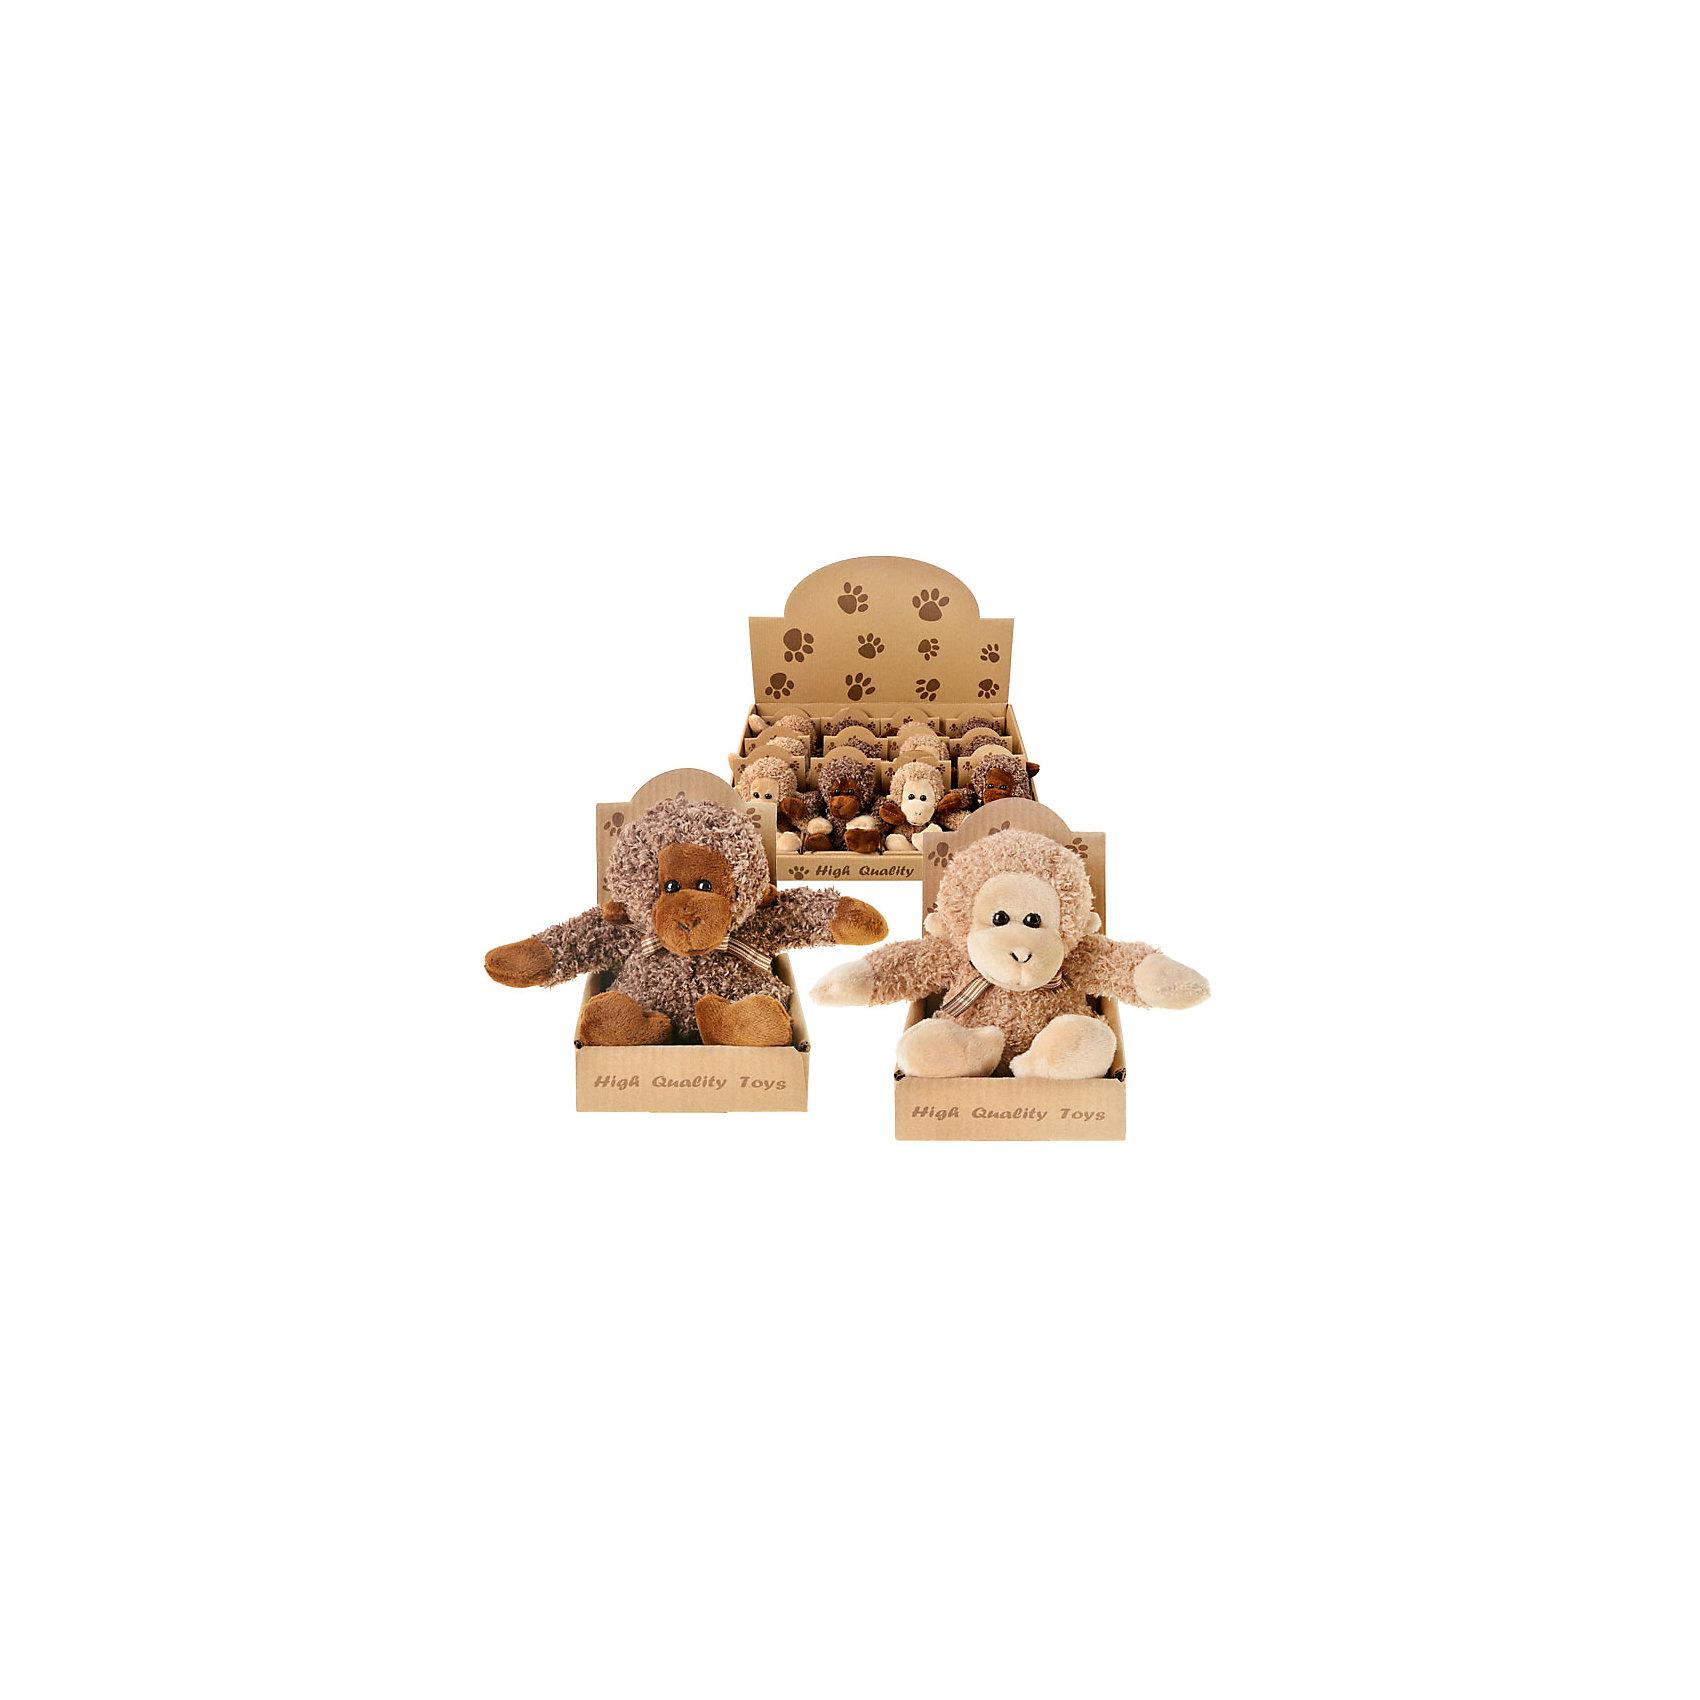 Мягкая игрушка Обезьяна, в ассортиментеЭта очаровательная мягкая игрушка понравится всем! Мягкая обезьянка - символ наступающего года станет прекрасным праздничным сувениром абсолютно для каждого! <br><br>Дополнительная информация:<br><br>- Материал: текстиль, пластик, синтепон.<br>- Размер: 11,5х8,5 см. <br>- 2 игрушки в ассортименте.<br>ВНИМАНИЕ! Данный артикул представлен в разных вариантах исполнения. К сожалению, заранее выбрать определенный вариант невозможно. При заказе нескольких игрушек возможно получение одинаковых.<br><br>Мягкую игрушку Обезьяна, в ассортименте, можно купить в нашем магазине.<br><br>Ширина мм: 60<br>Глубина мм: 60<br>Высота мм: 30<br>Вес г: 100<br>Возраст от месяцев: 36<br>Возраст до месяцев: 2147483647<br>Пол: Унисекс<br>Возраст: Детский<br>SKU: 4293042